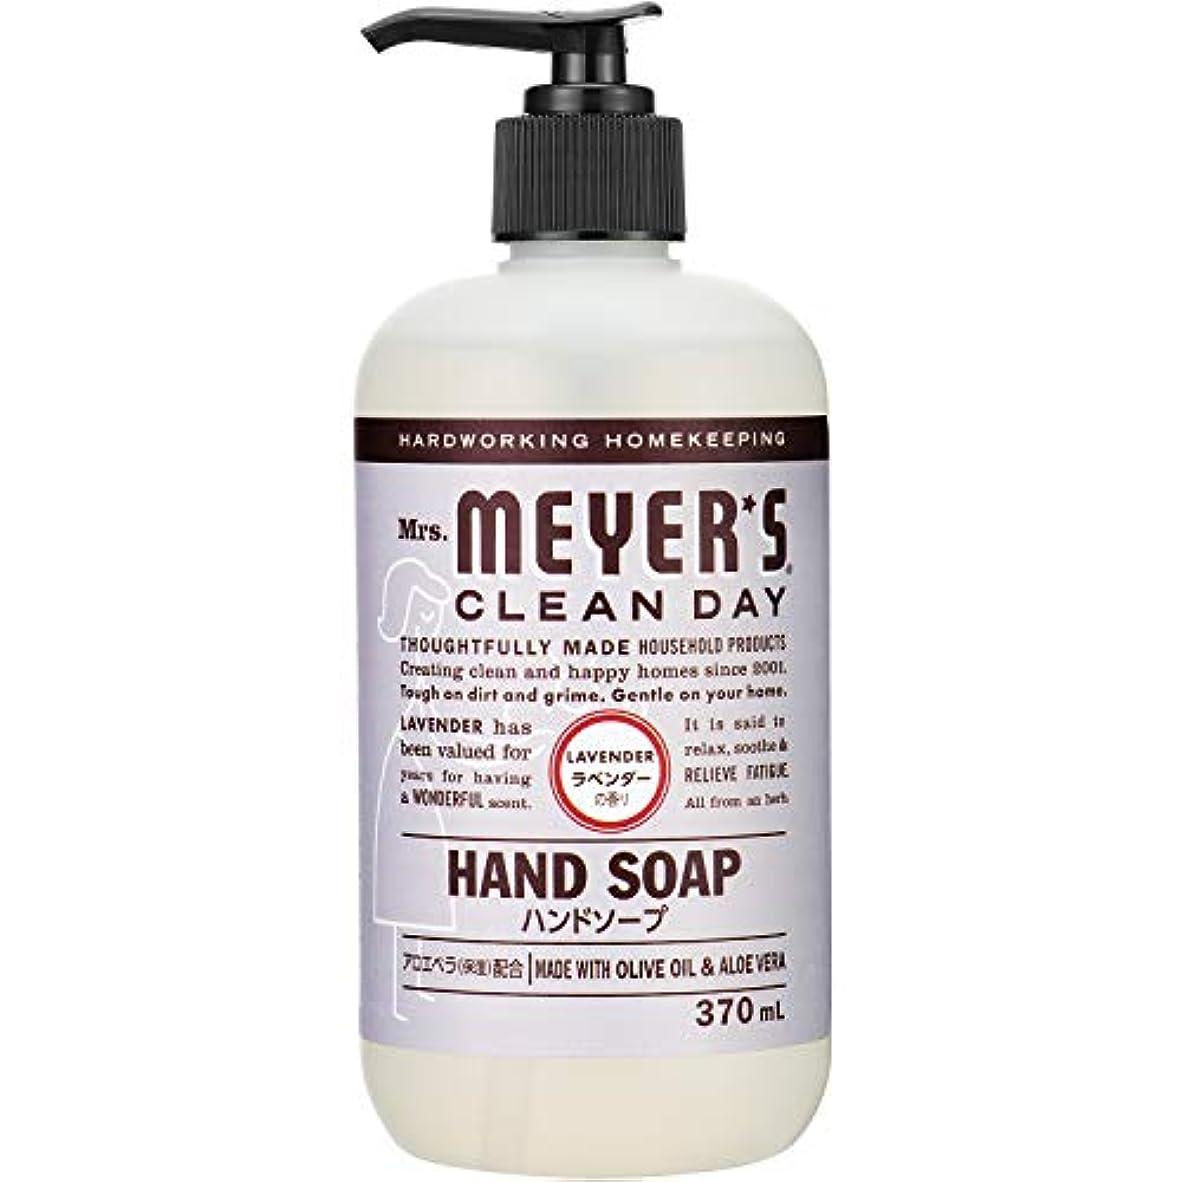 ブレス遺伝的血まみれのMrs. MEYER'S CLEAN DAY(ミセスマイヤーズ クリーンデイ) ミセスマイヤーズ クリーンデイ(Mrs.Meyers Clean Day) ハンドソープ ラベンダーの香り 370ml